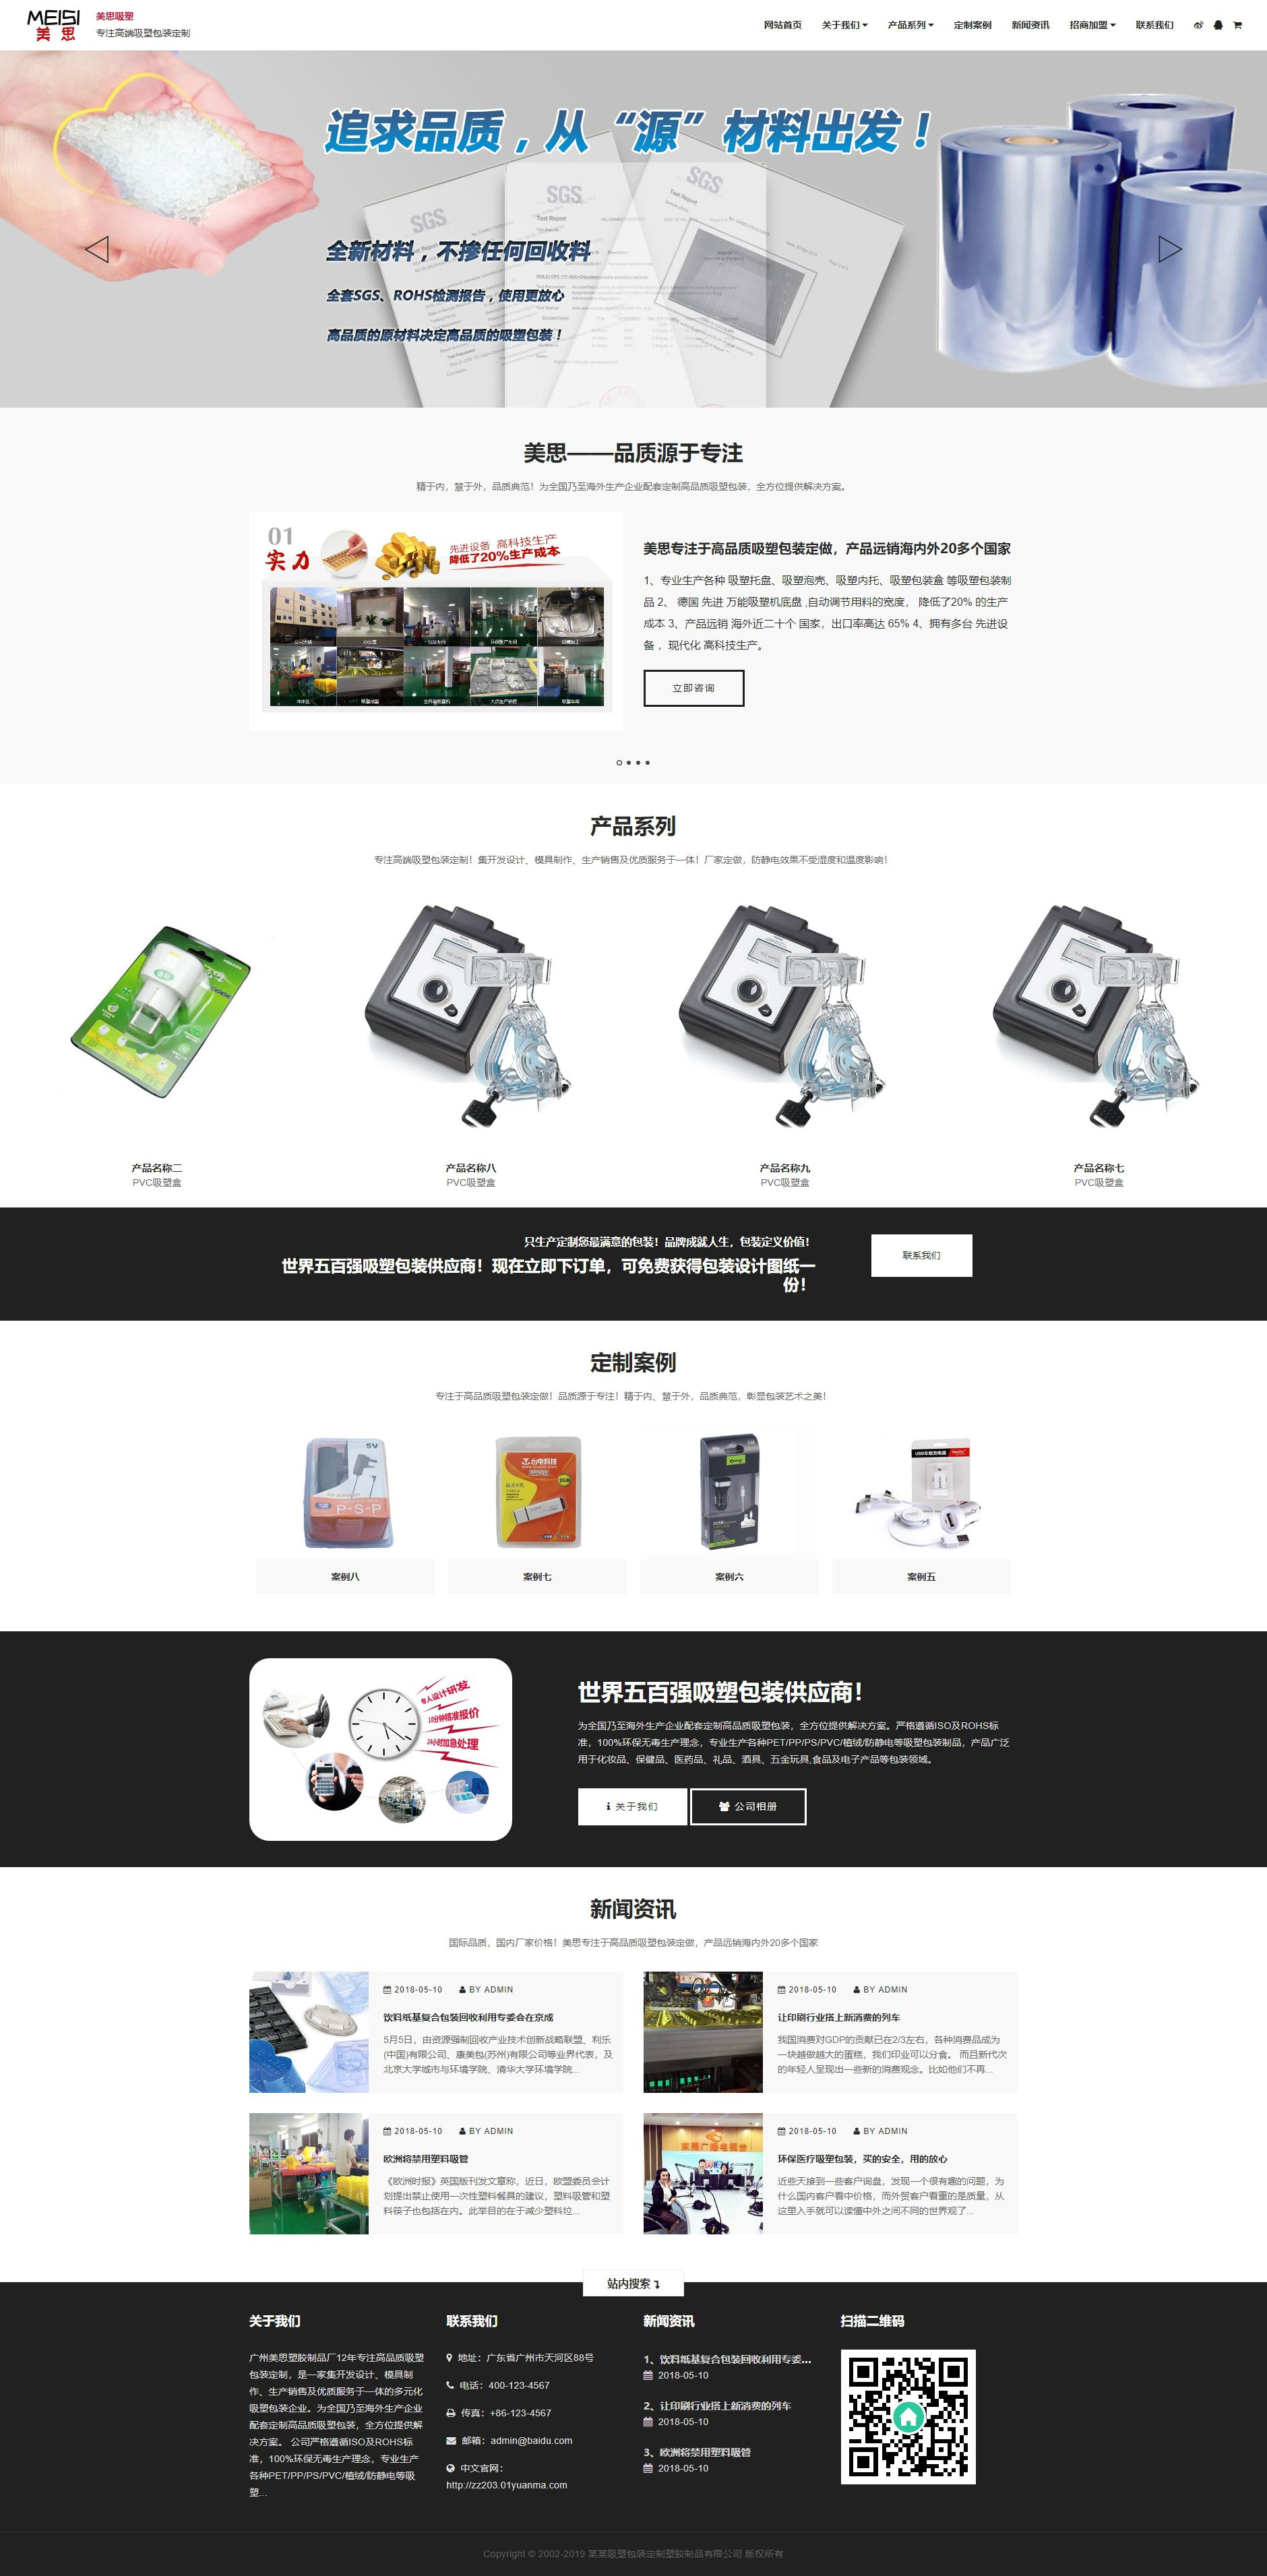 响应式吸塑包装定制塑胶制品类网站织梦dedecms模板(自适应手机端)